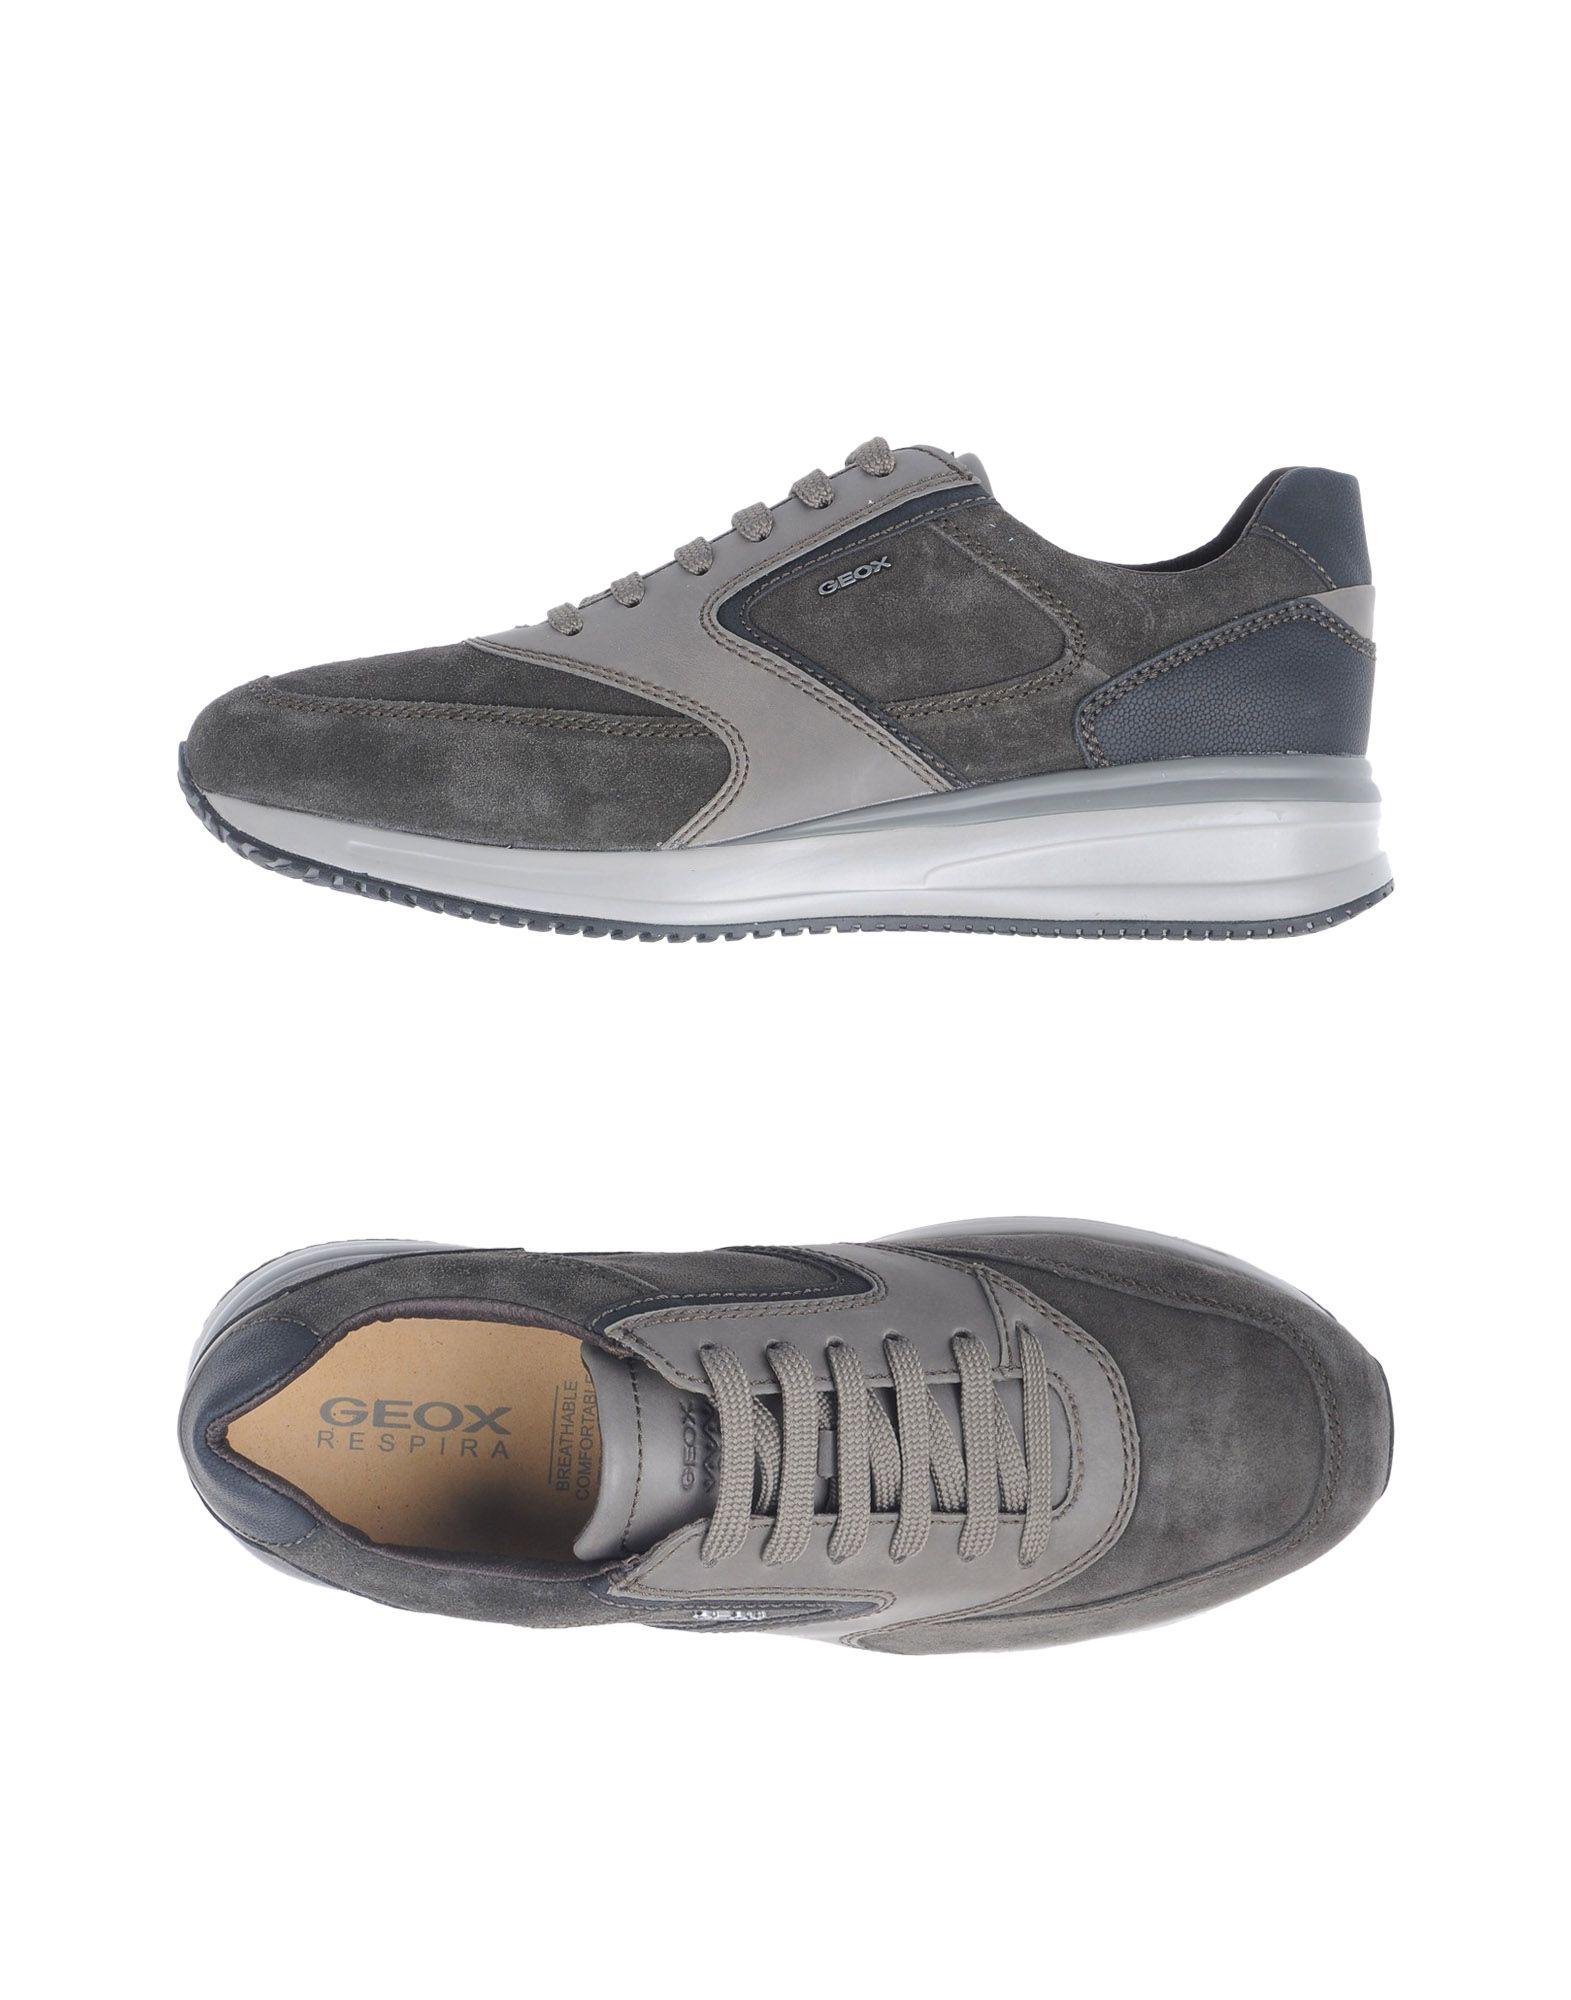 Herren Geox Sneakers Herren   11344478MK Heiße Schuhe e52654